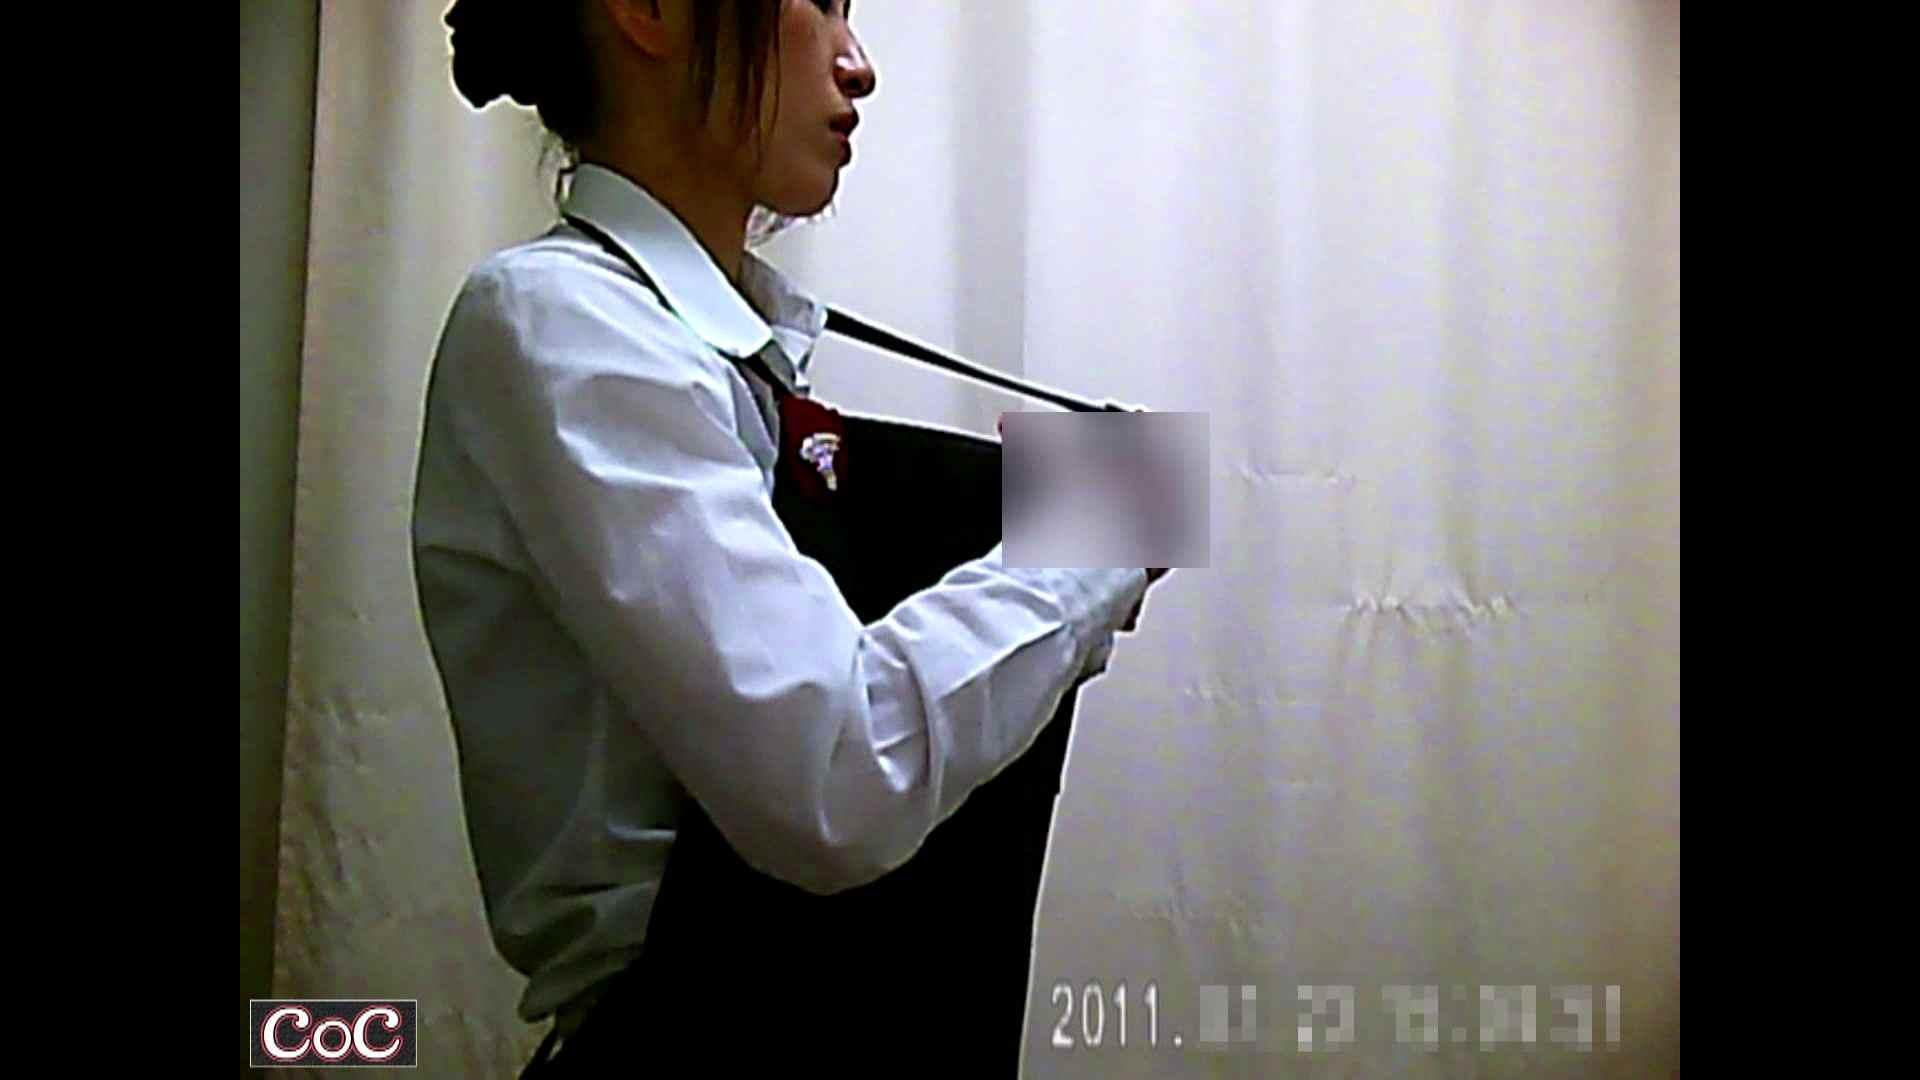 病院おもいっきり着替え! vol.05 独身エッチOL   綺麗なおっぱい  35pic 13